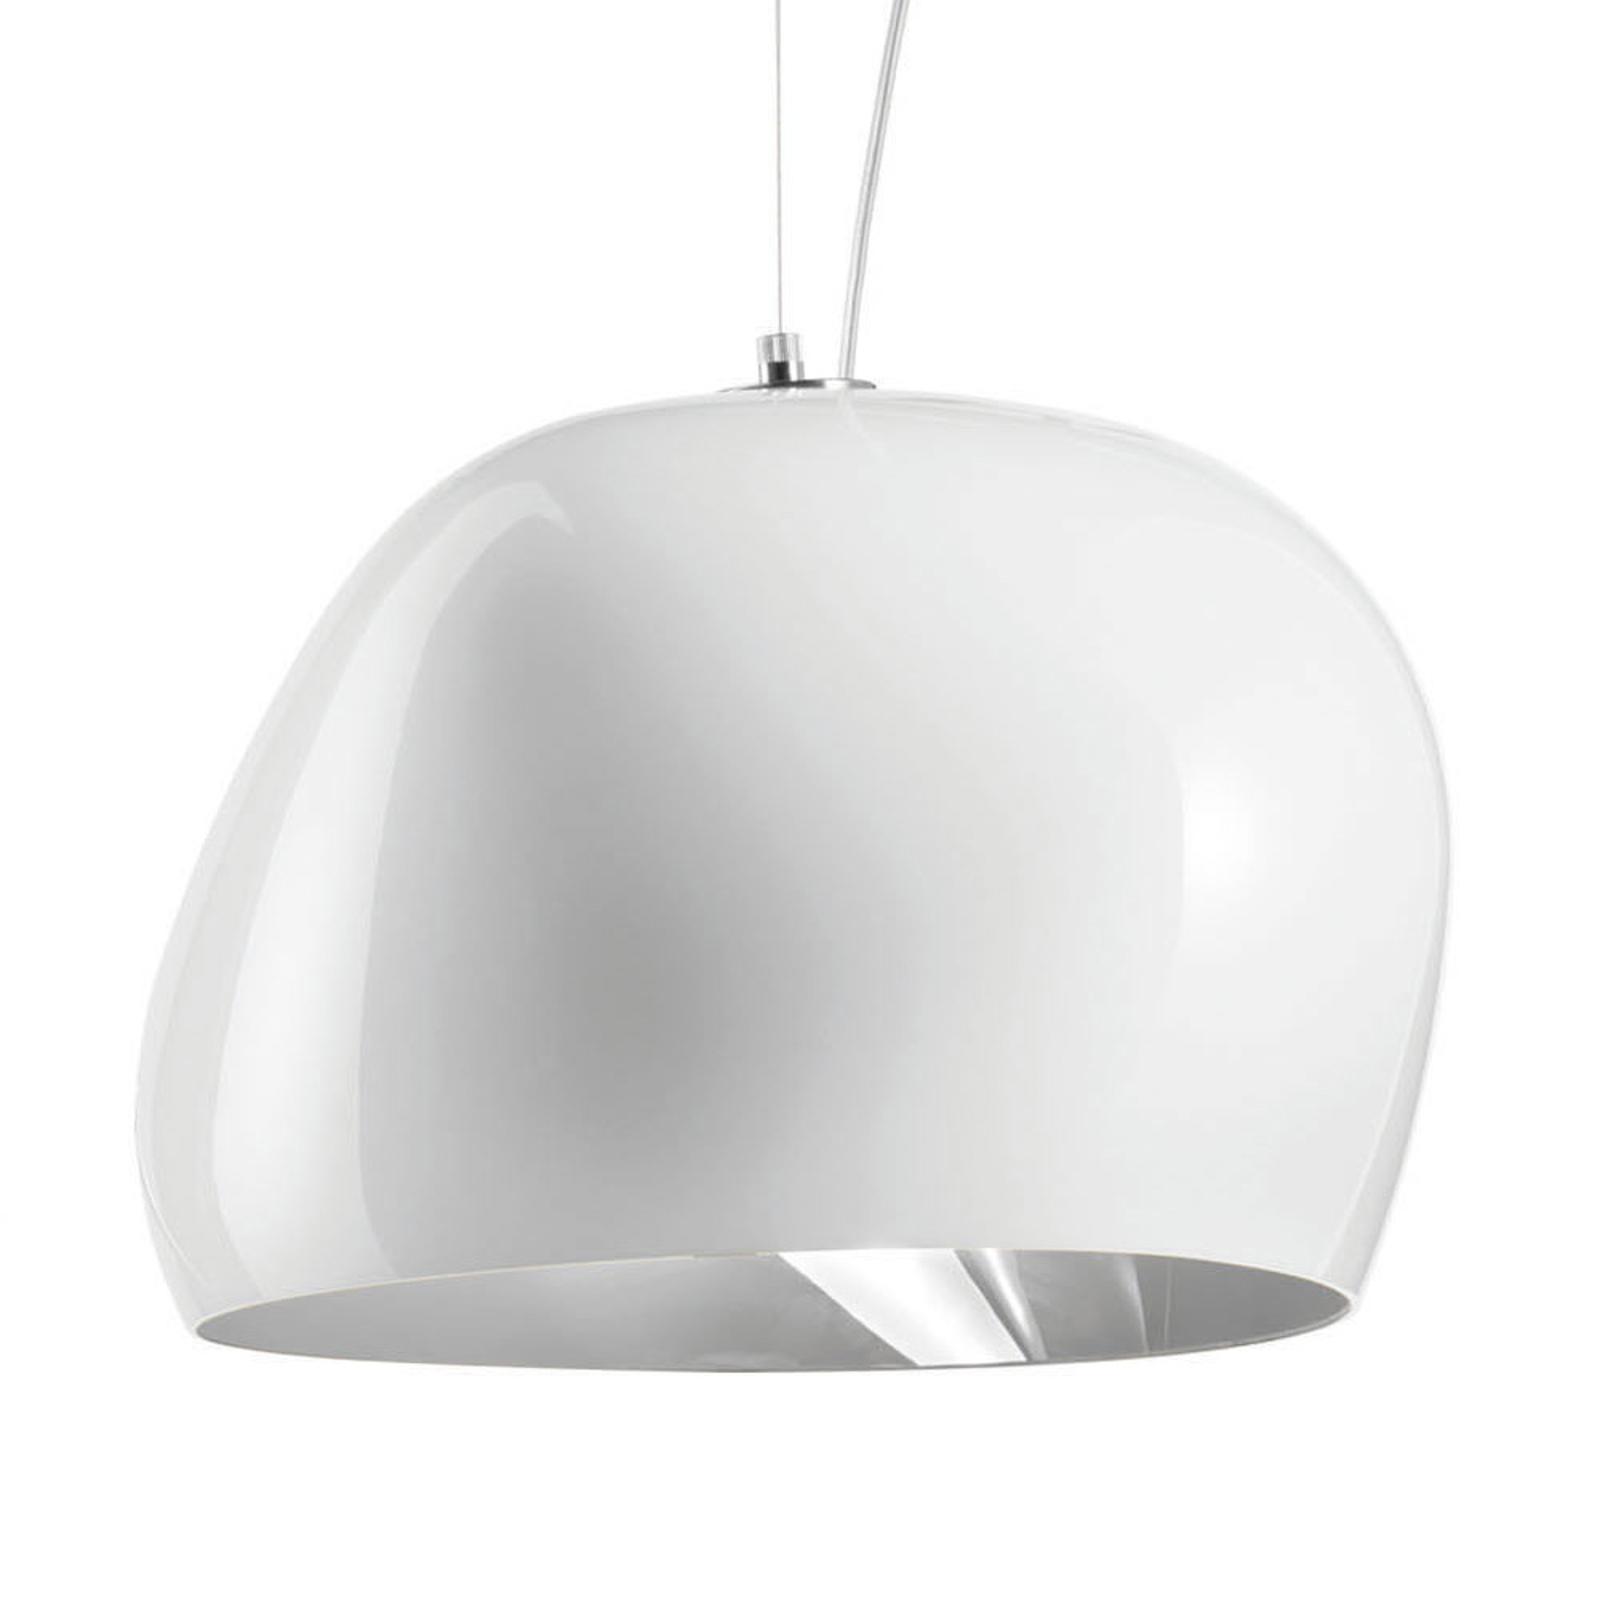 Riippuvalo Surface Ø 40 cm E27 valkoinen/harmaa